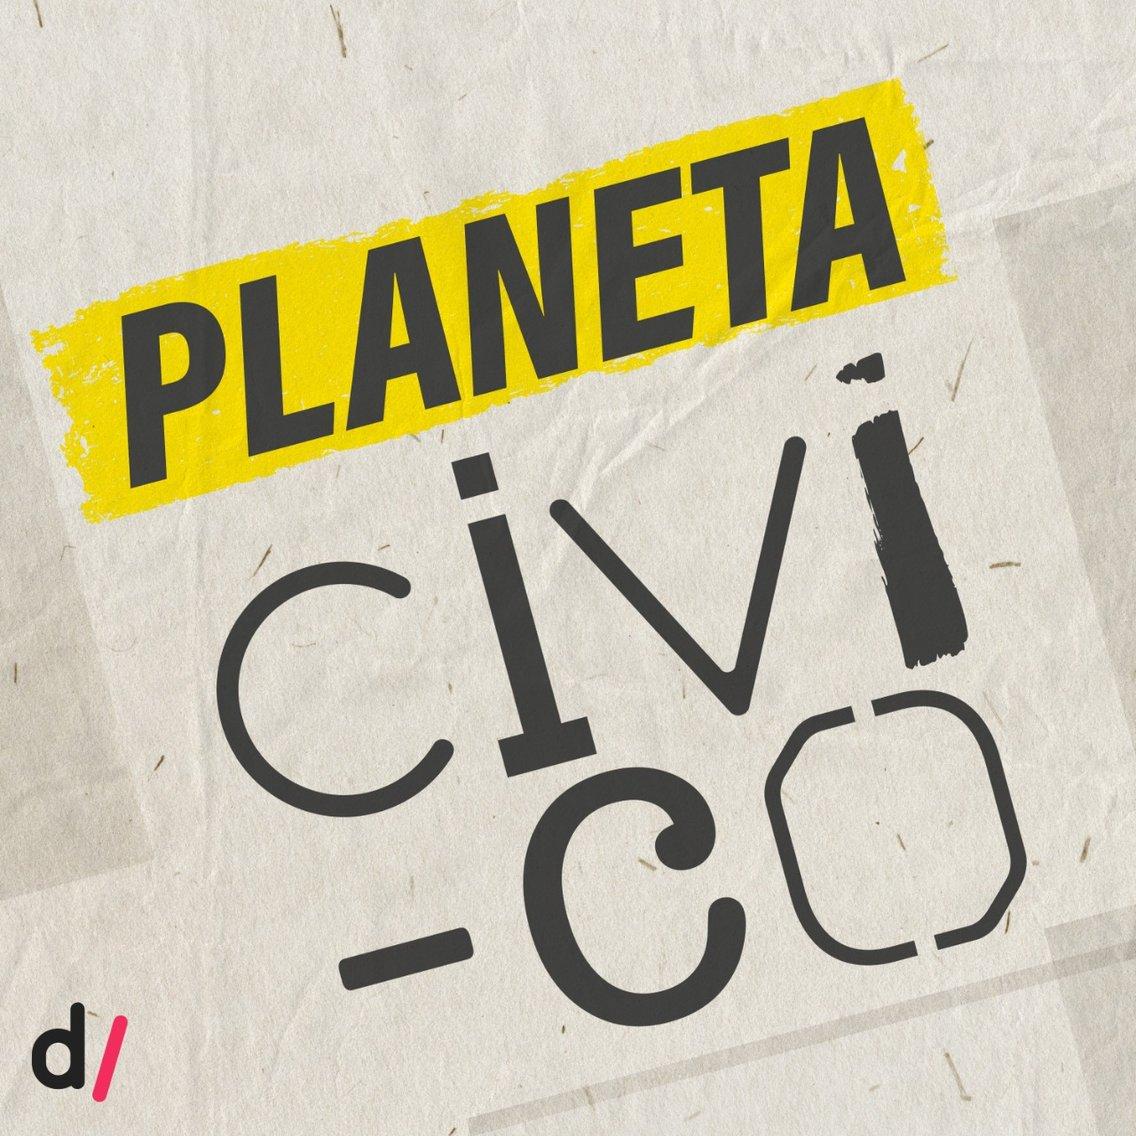 Planeta Civi-co - Cover Image